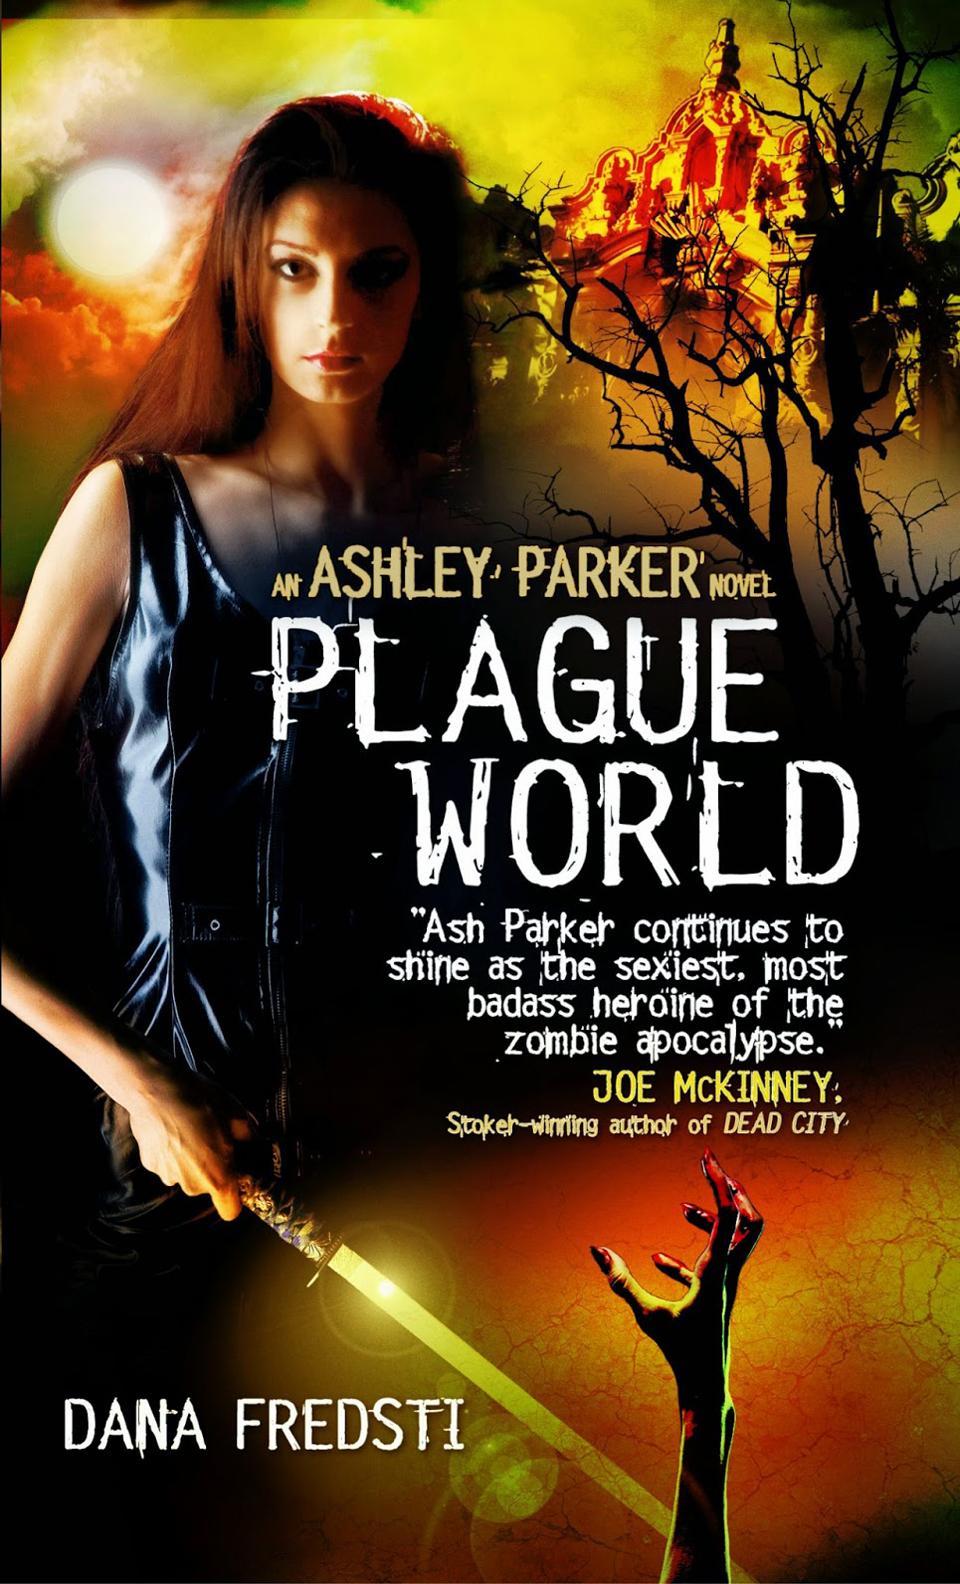 plague-world-an-ashley-parker-novel-book-review